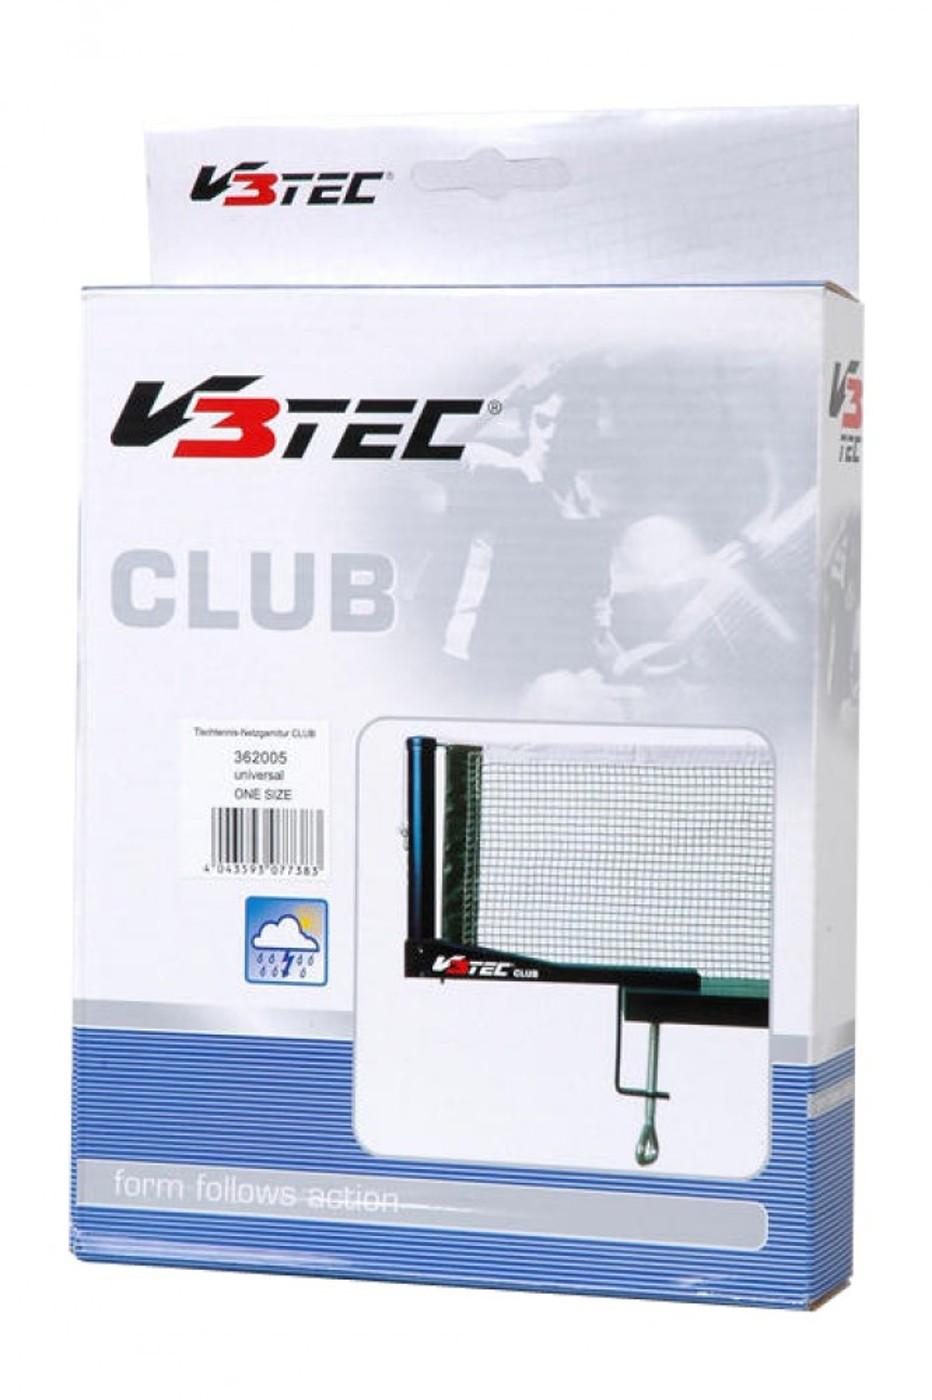 V3TEC Tischtennis-Netzgarnitur CLUB